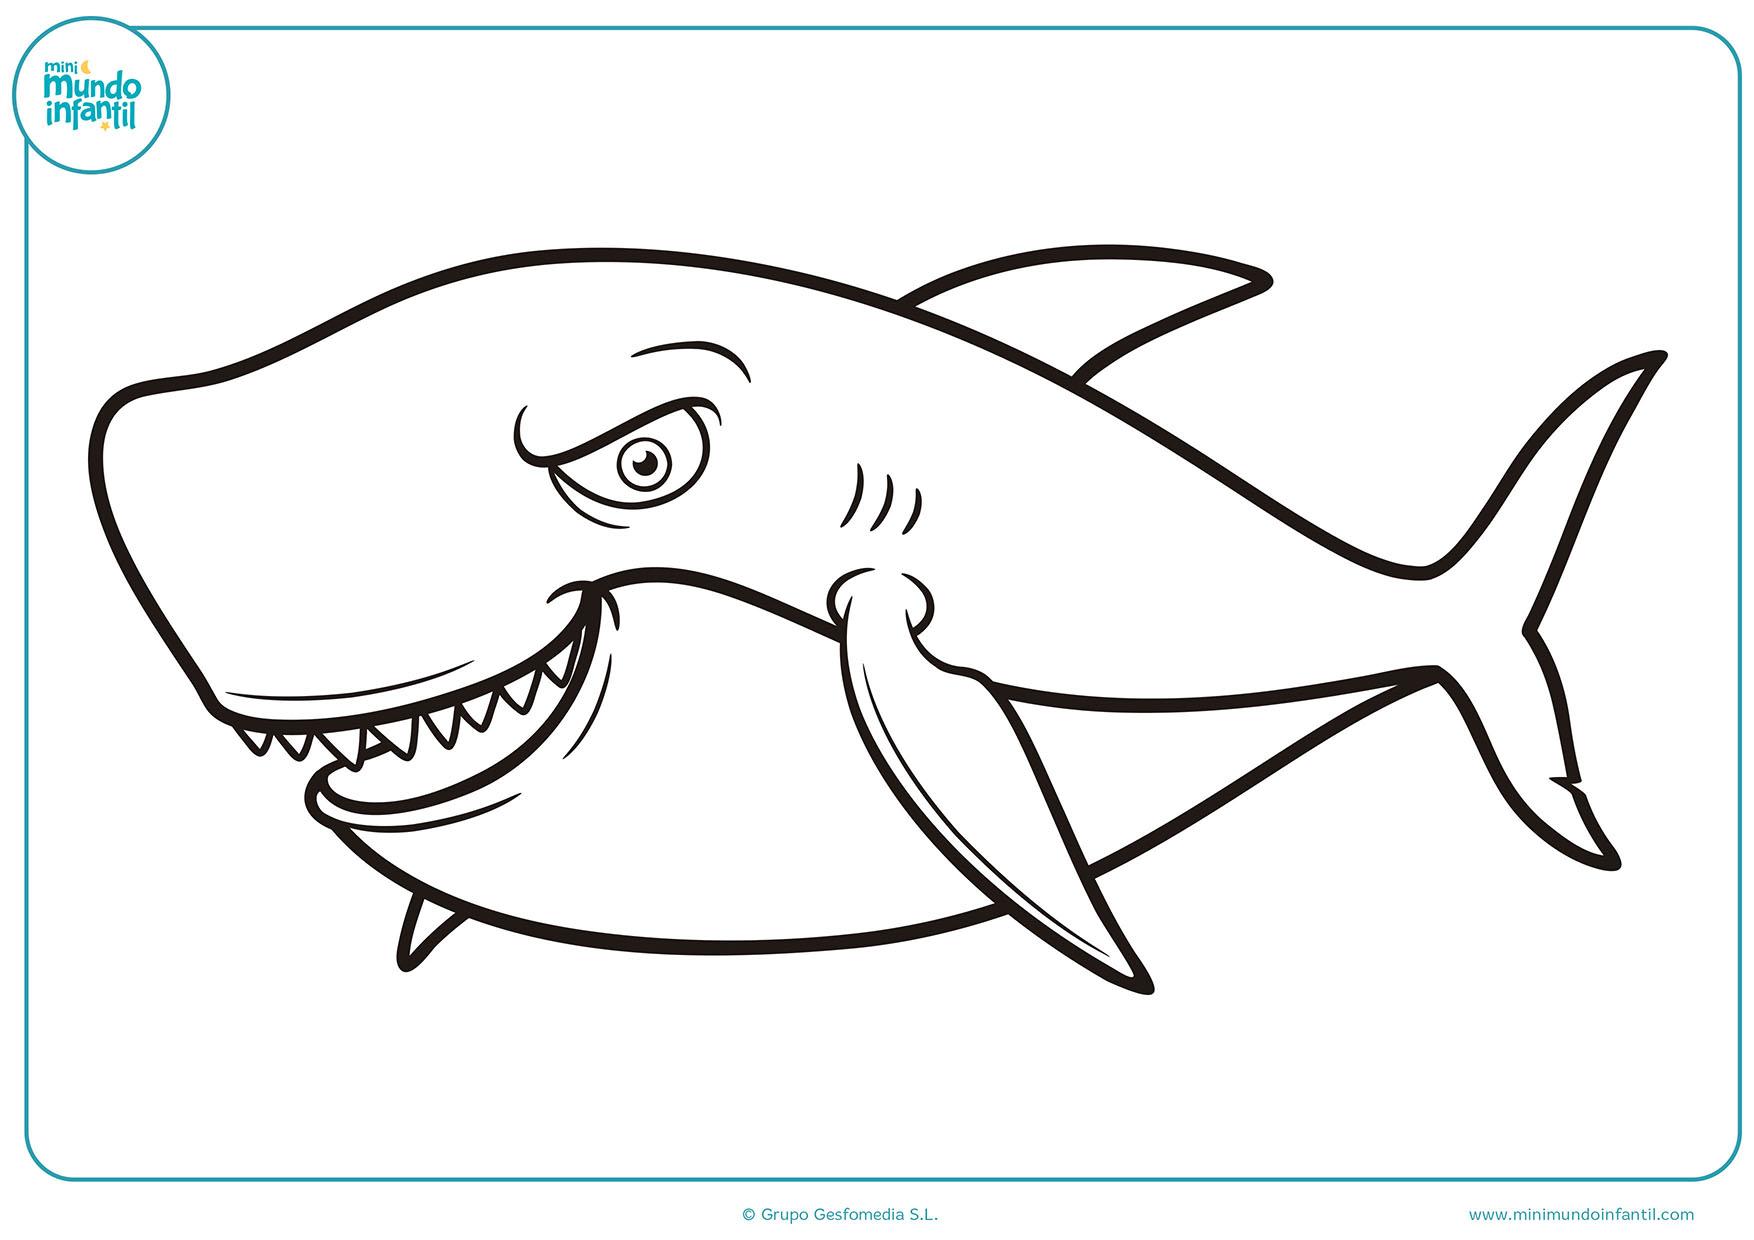 Dibujos De Animales A Color Para Imprimir: Dibujos De Animales Marinos Para Colorear